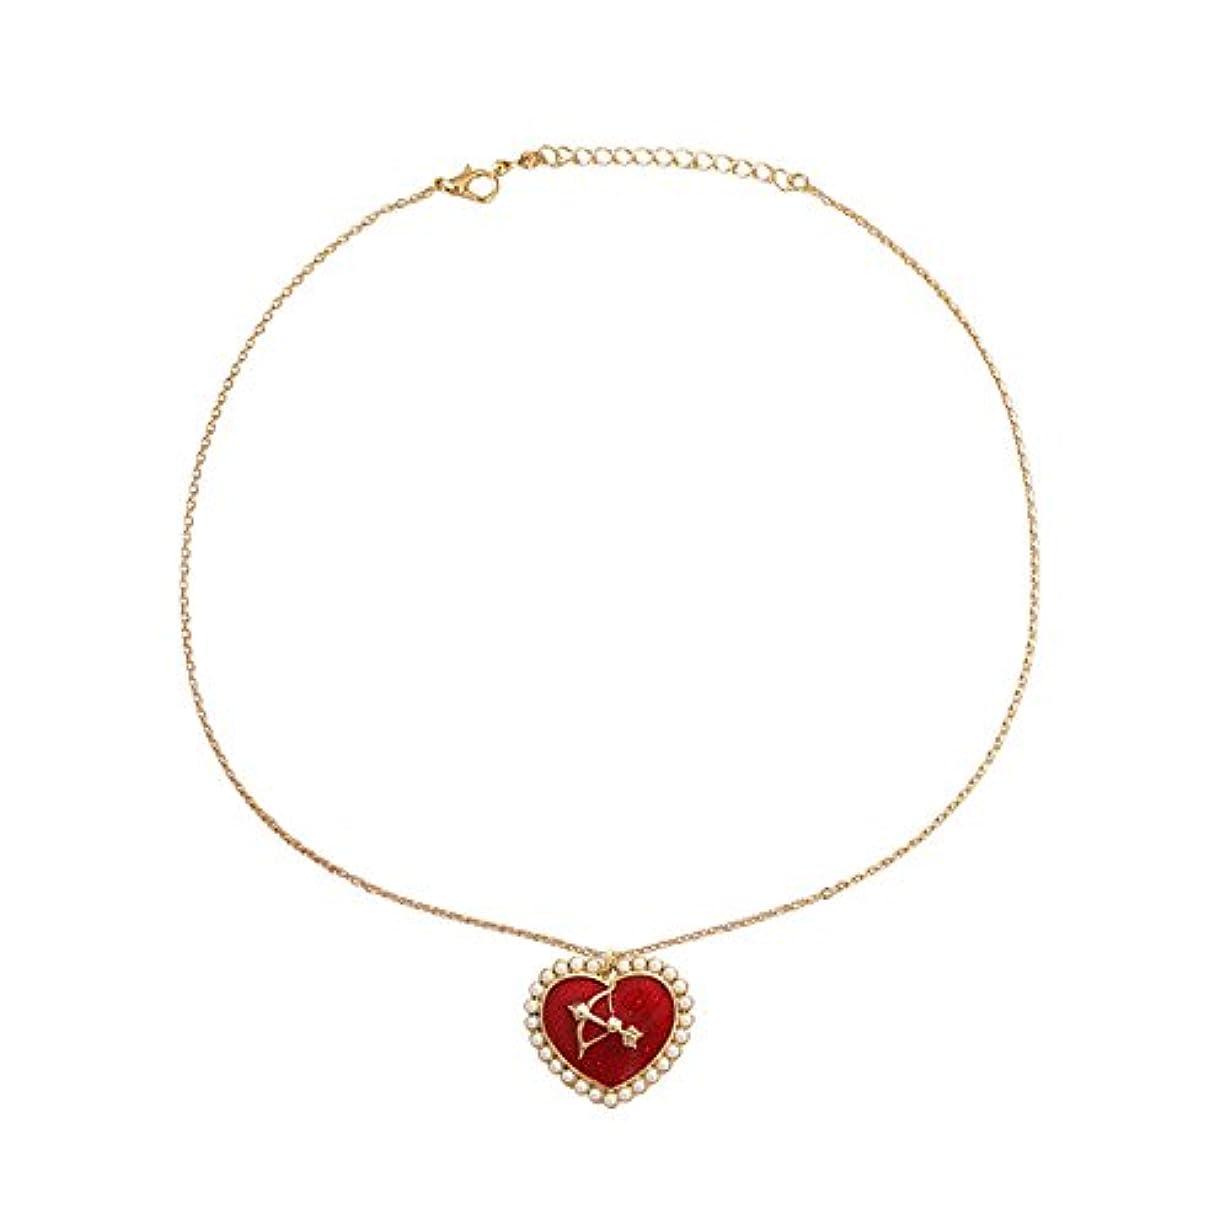 涙が出るアトム文法真珠キューピットネックレス 首のネックレス ハートのネックレス バレンタインデーのプレゼント